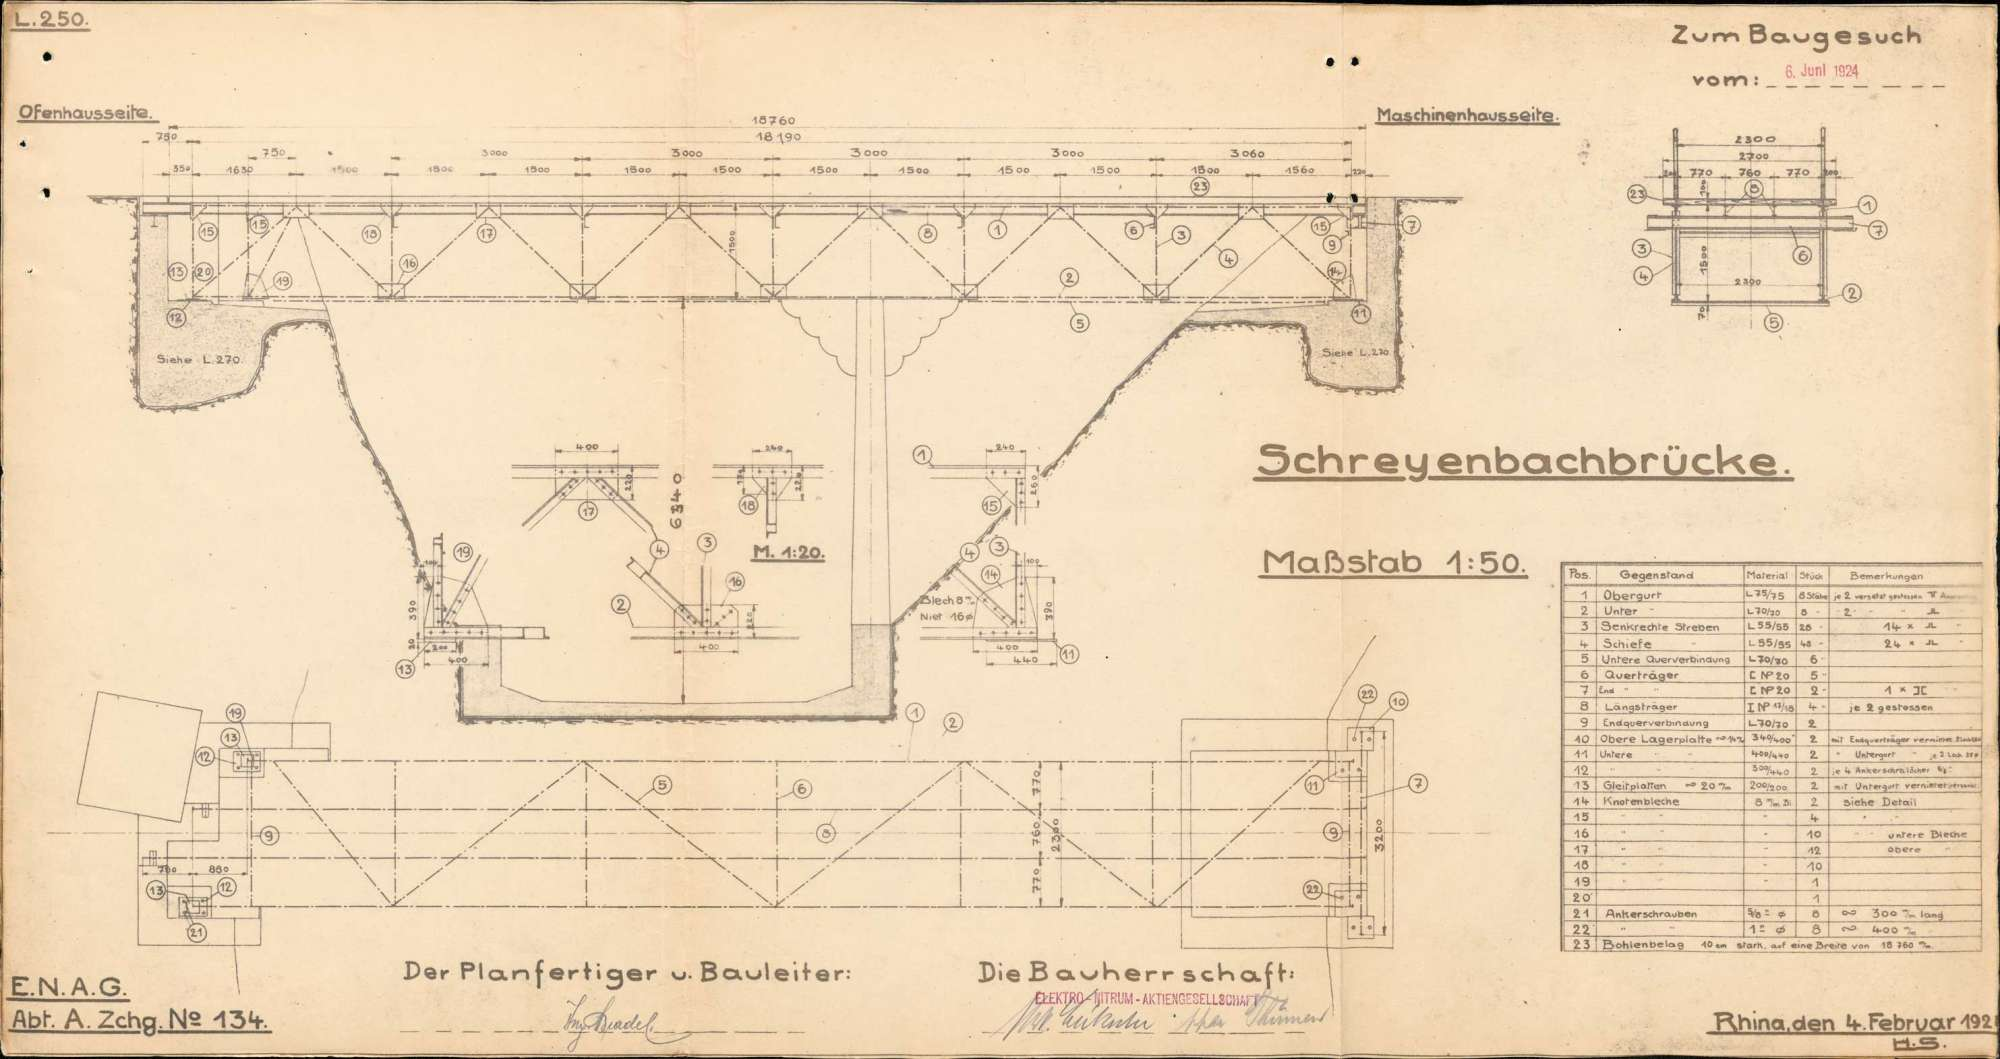 Baugesuch der Elektro-Nitrum AG in Rhina zur Errichtung einer Brücke über den Schreiebach, Bild 2